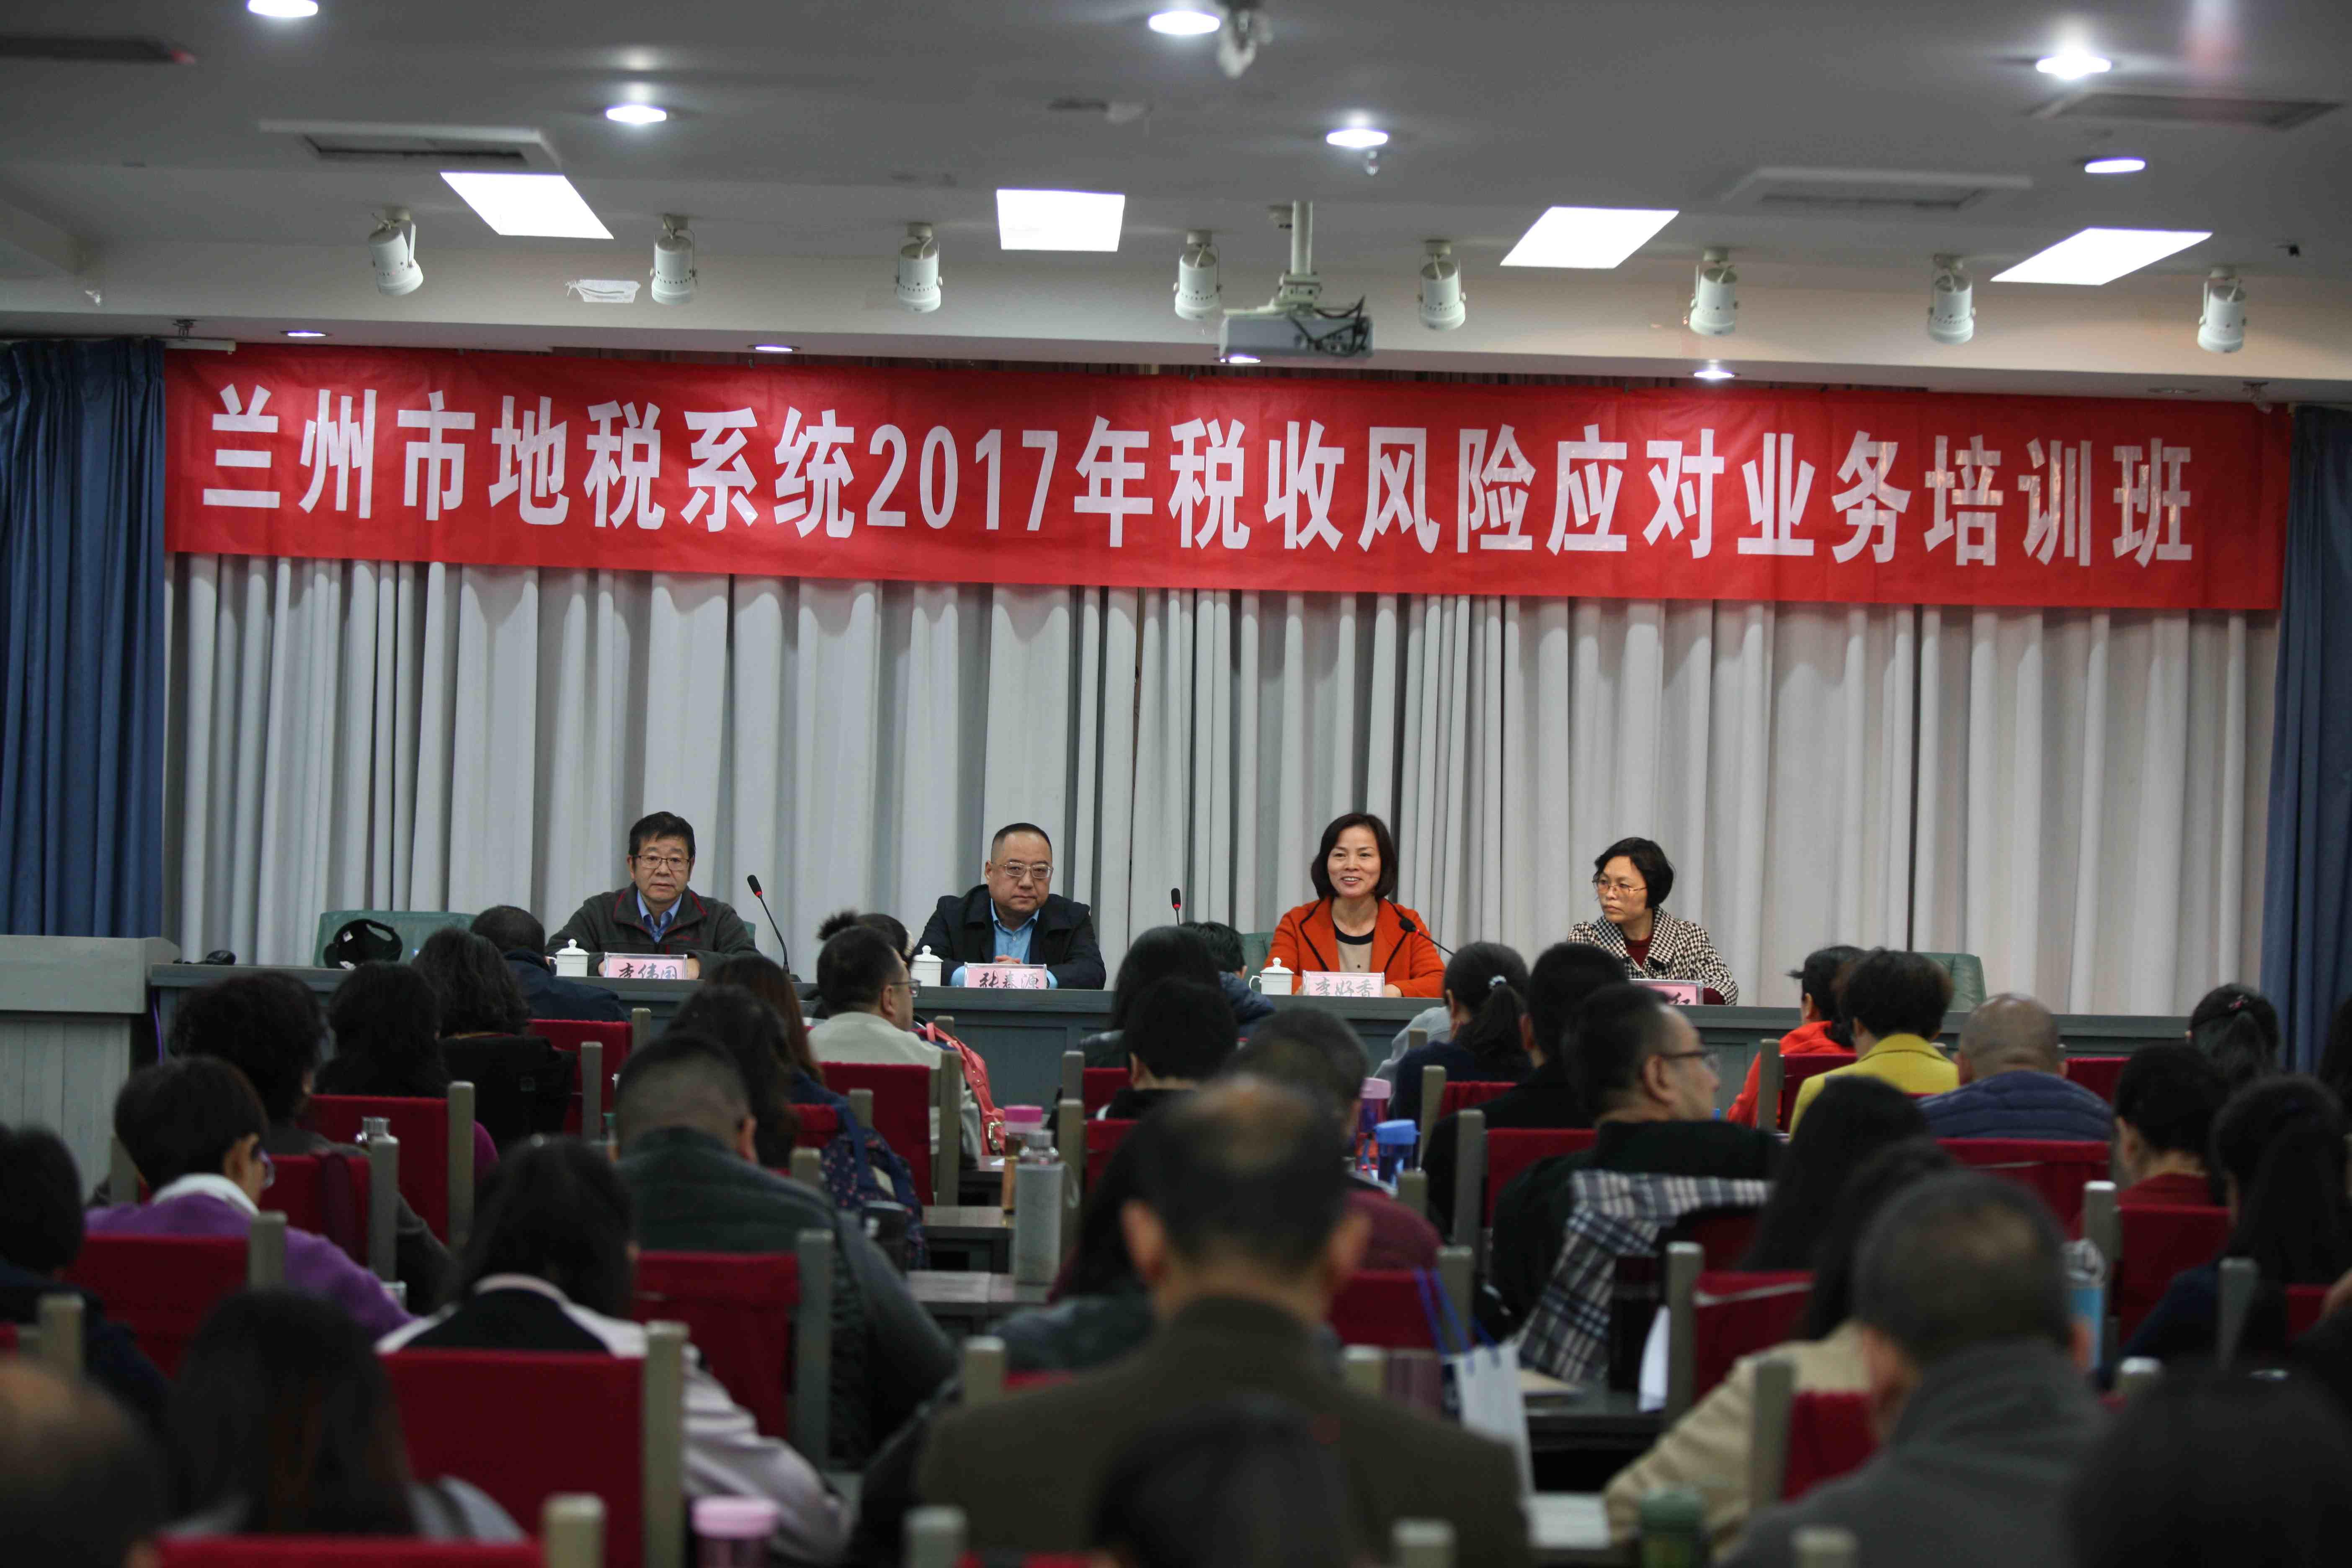 甘肃省兰州市地税局2017年税收风险应对业务培训班